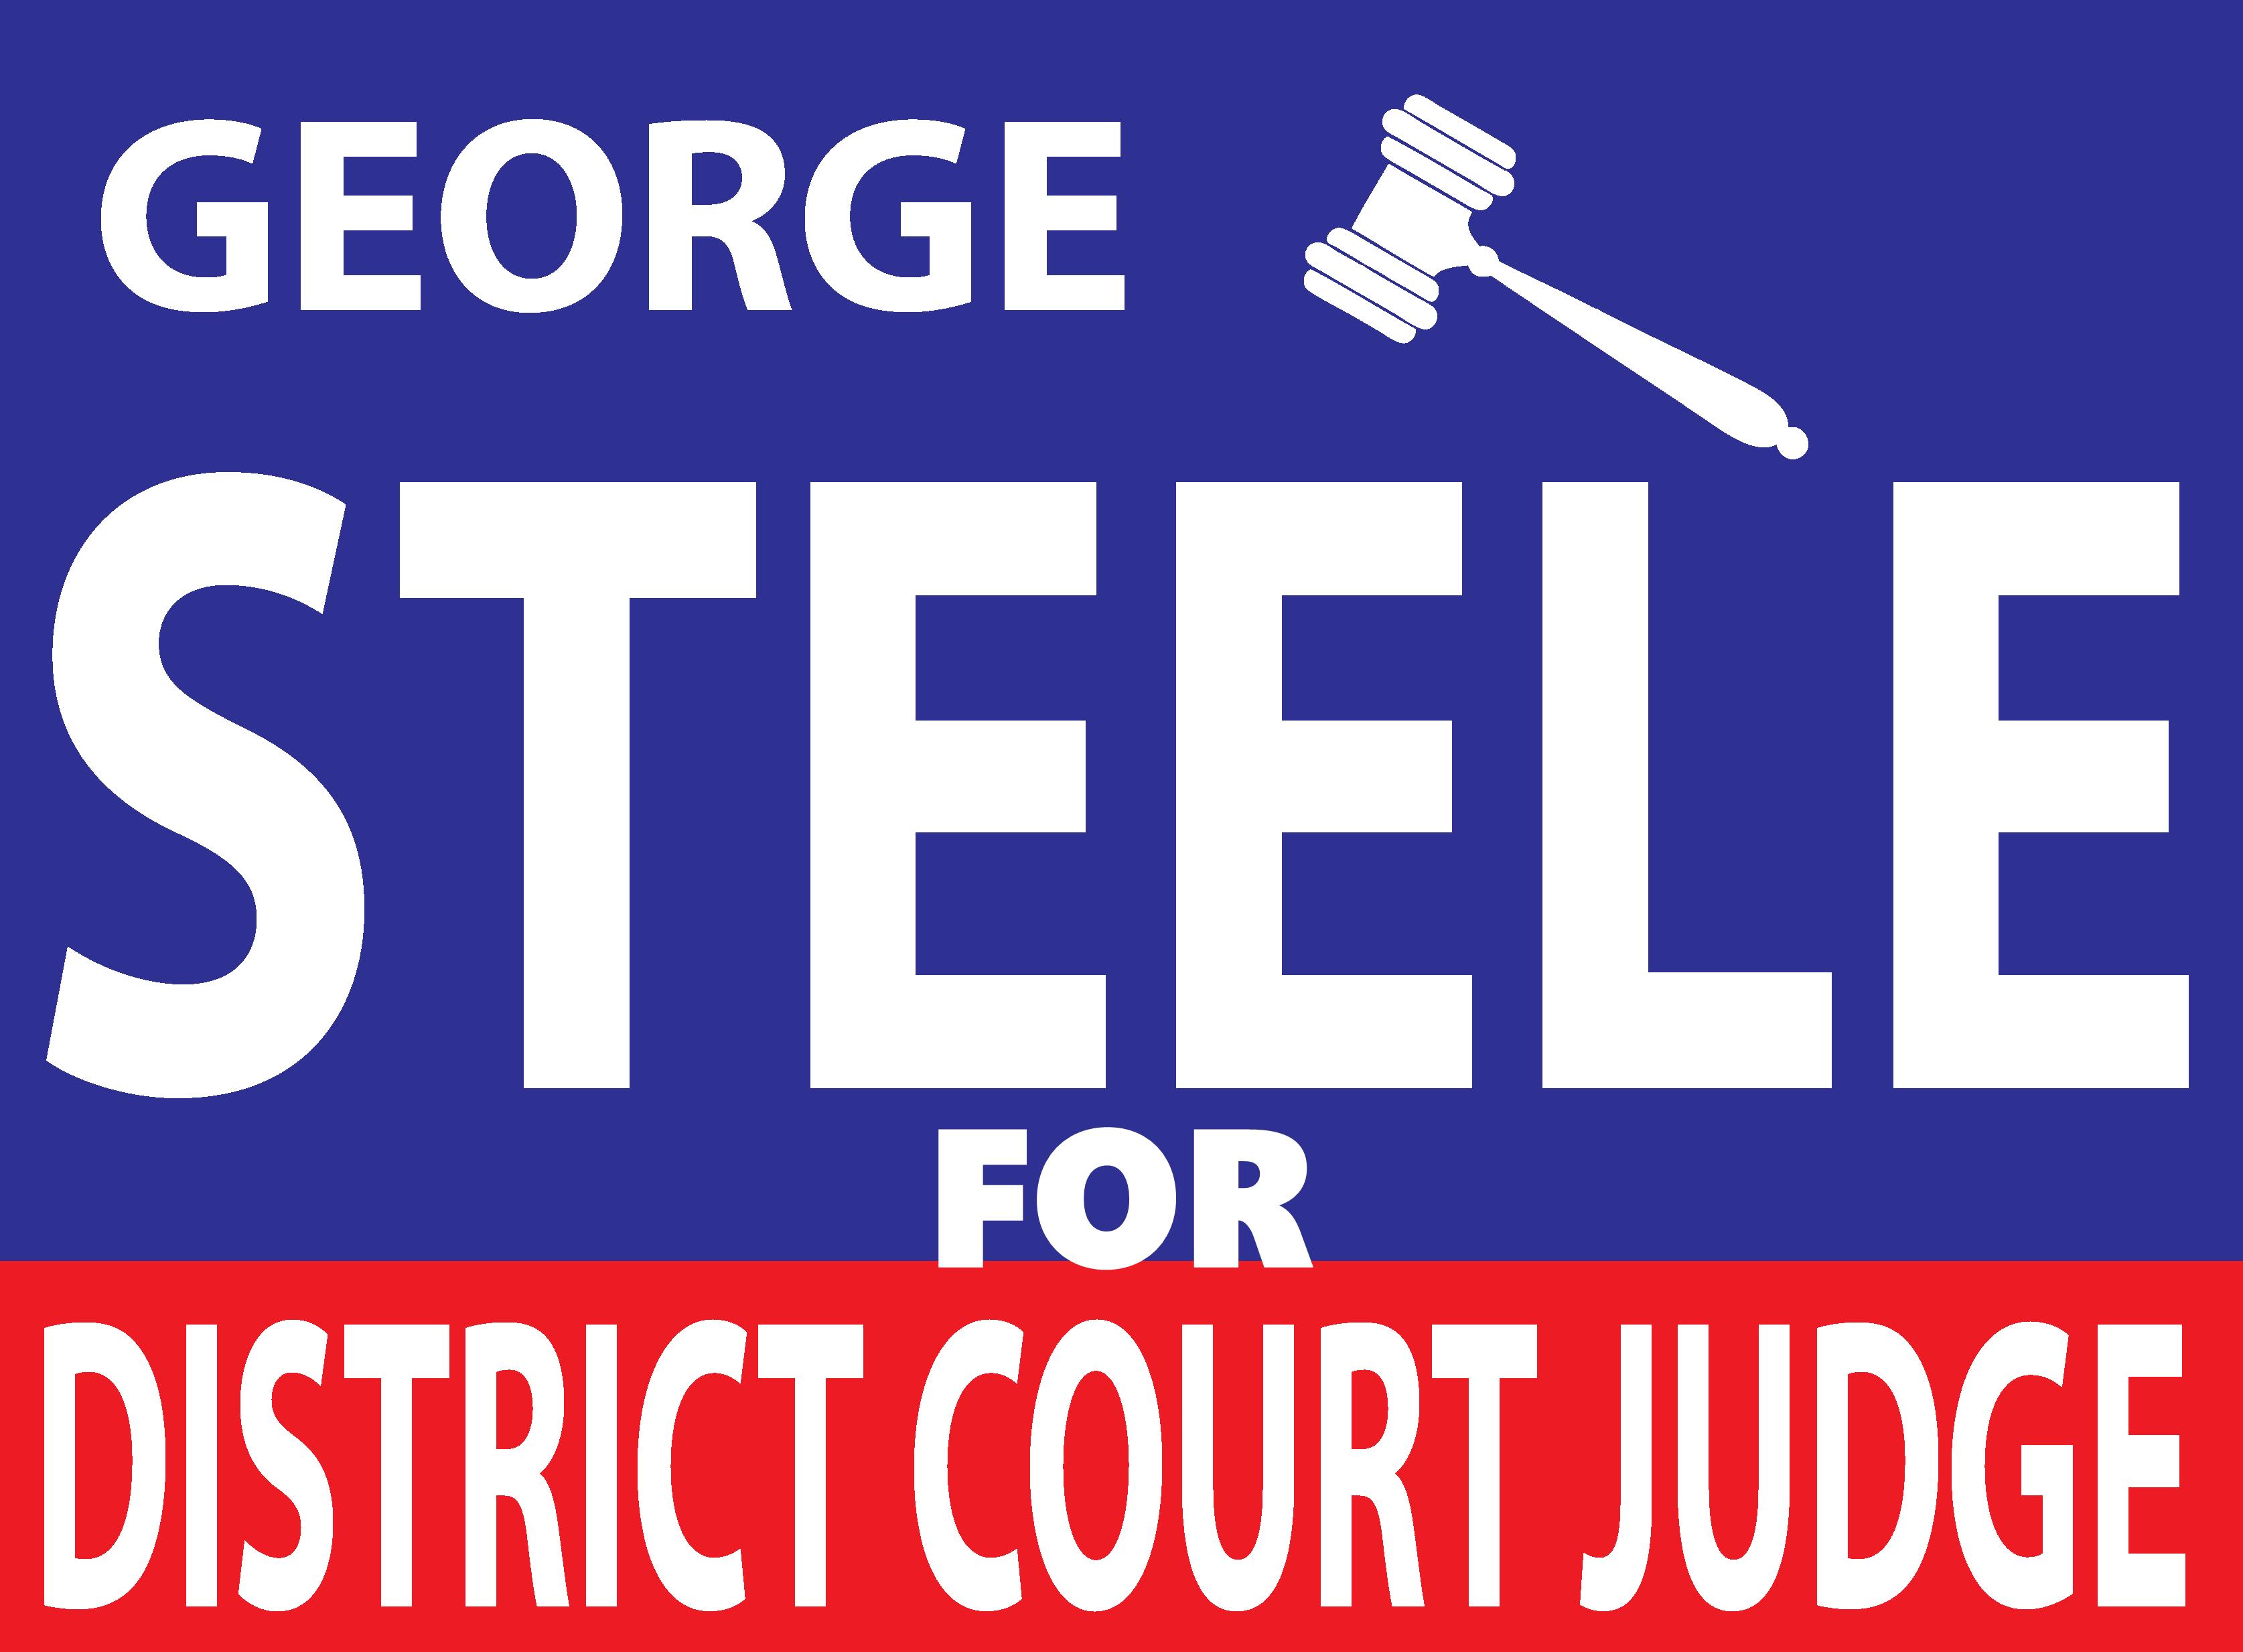 George Steele